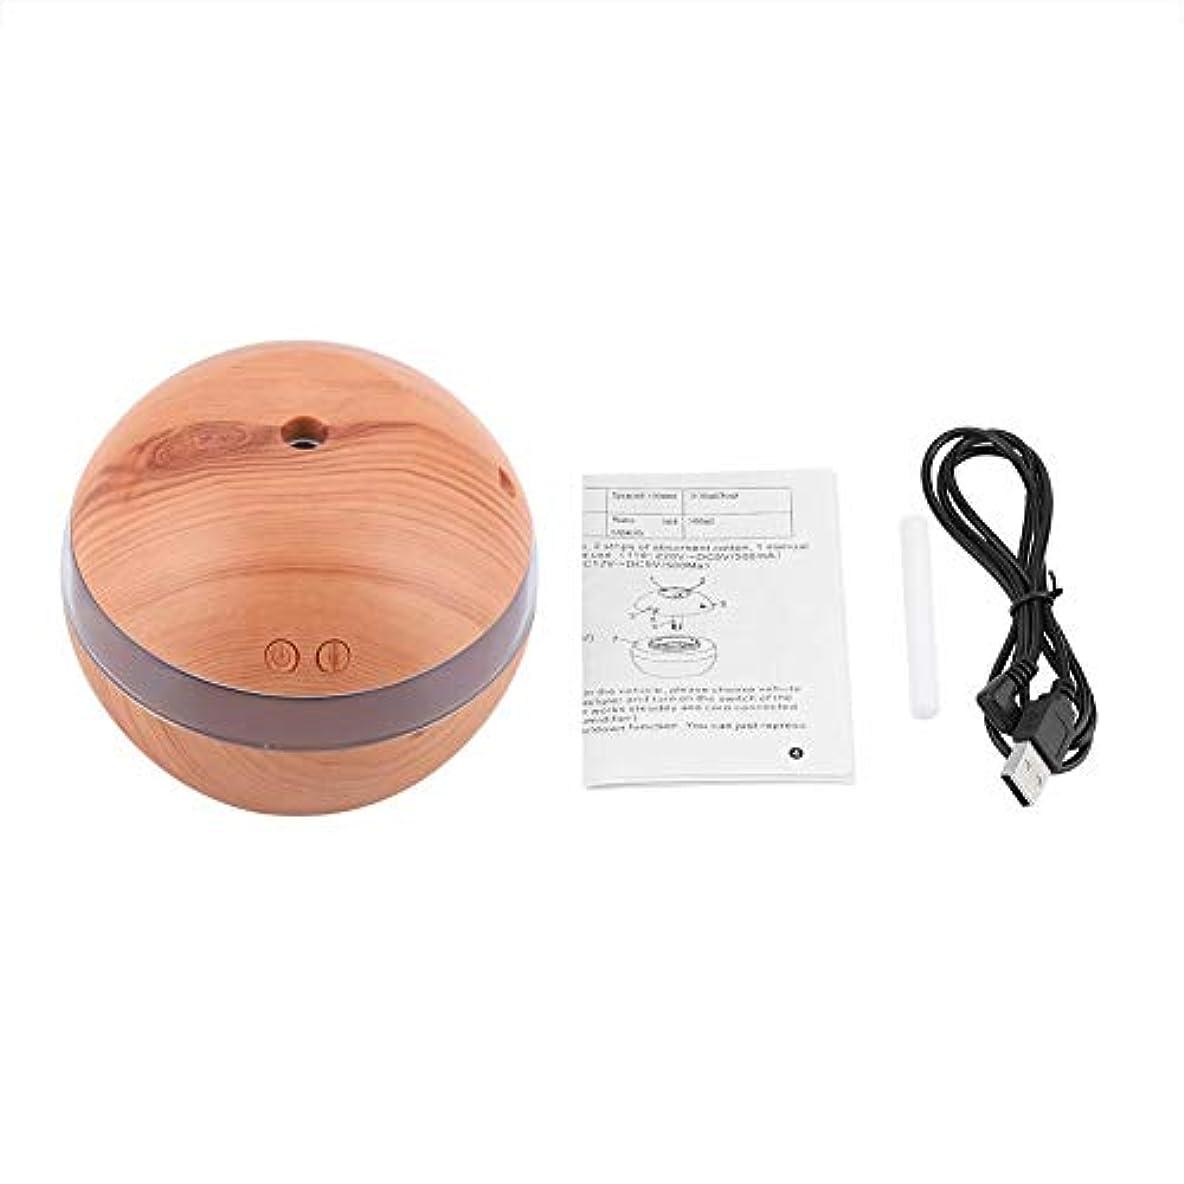 自動的にインサート屋内で木製加湿器ディフューザー、300ml USBスーパーライトアロマセラピーエッセンシャルオイルアロマディフューザー、LEDライト付き(軽い木製)